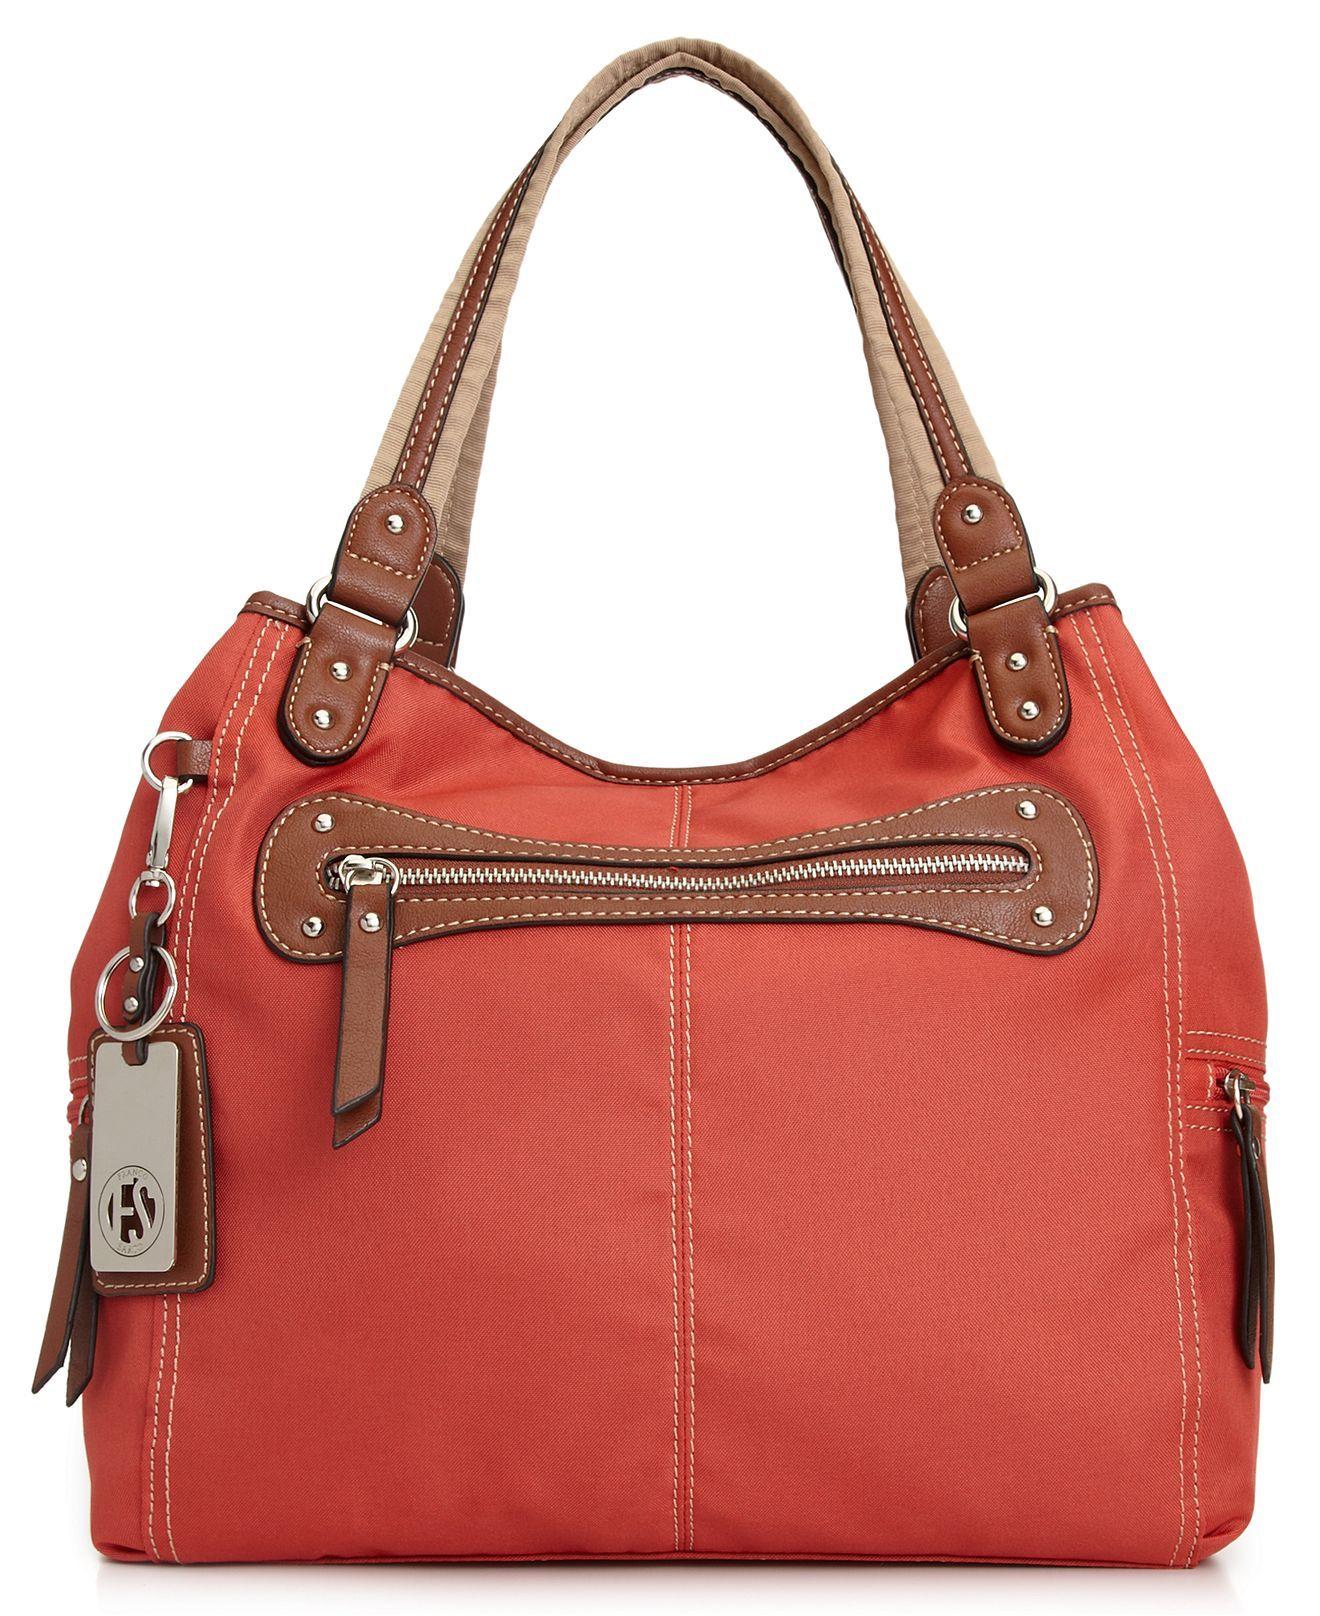 Franco Sarto Handbag Cordura Tote Bags Handbags Accessories Macy S